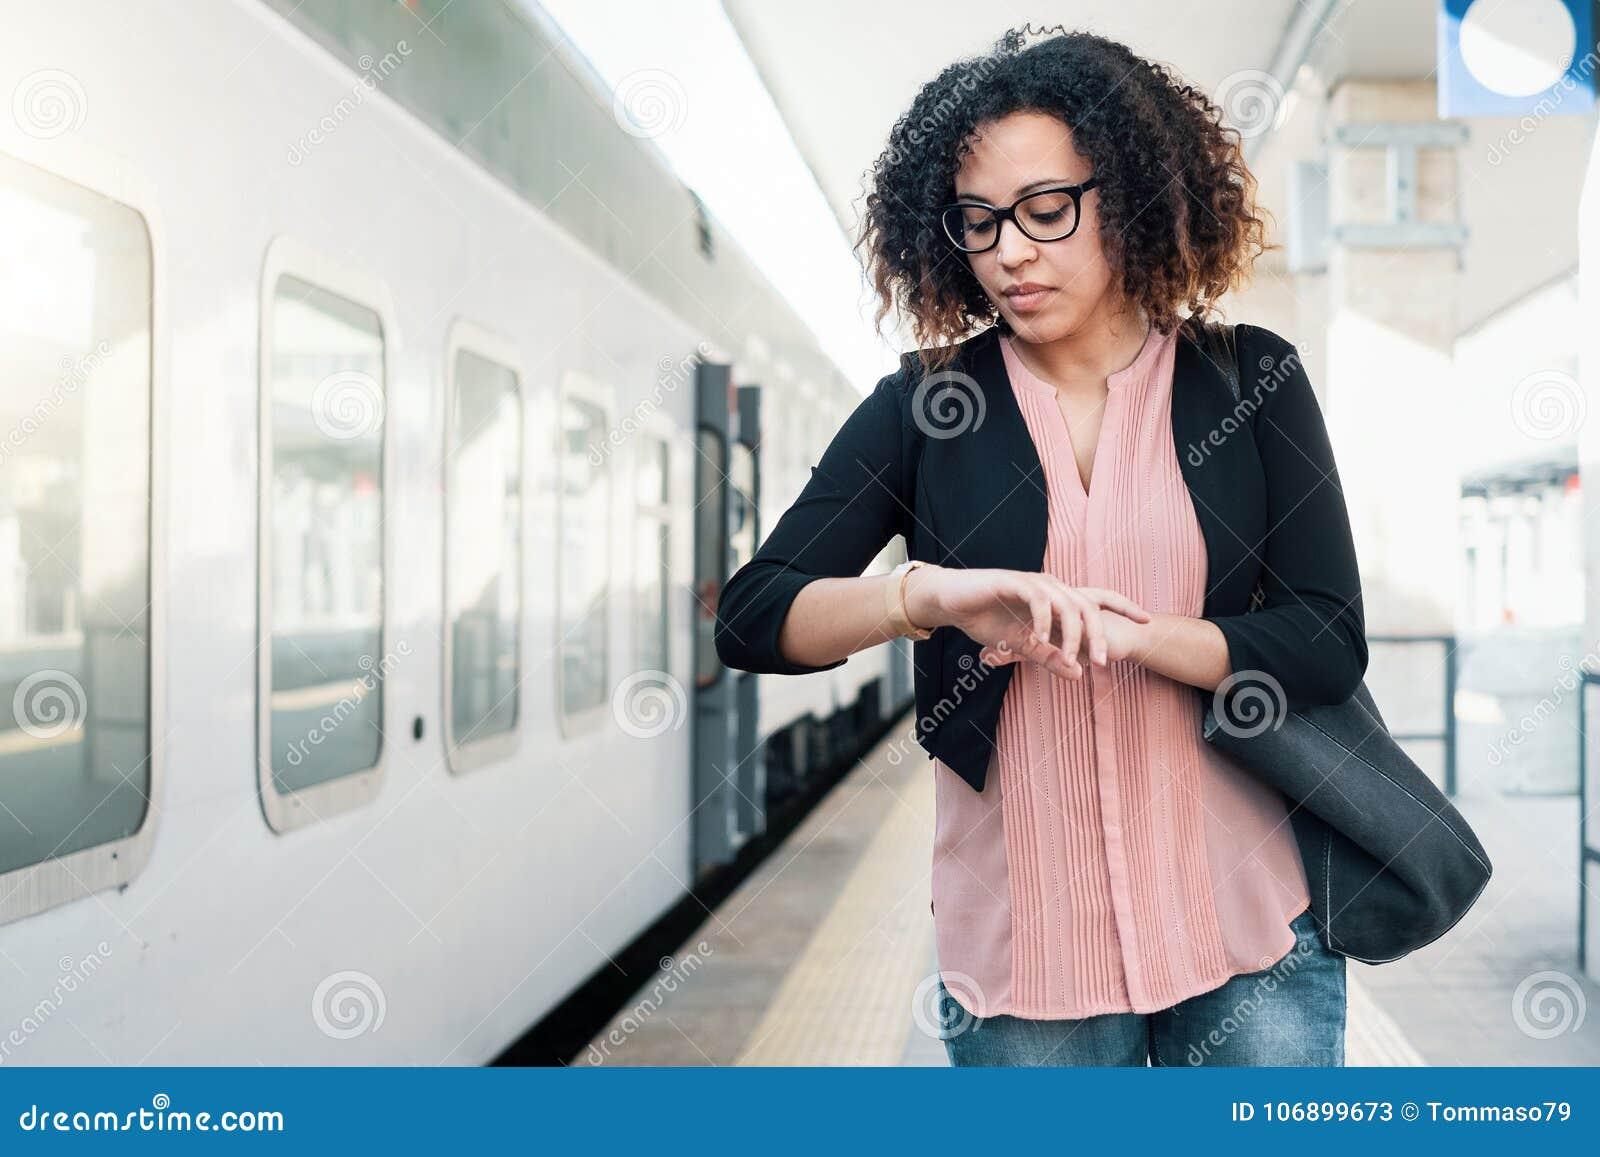 фото чернокожих поезд - 3